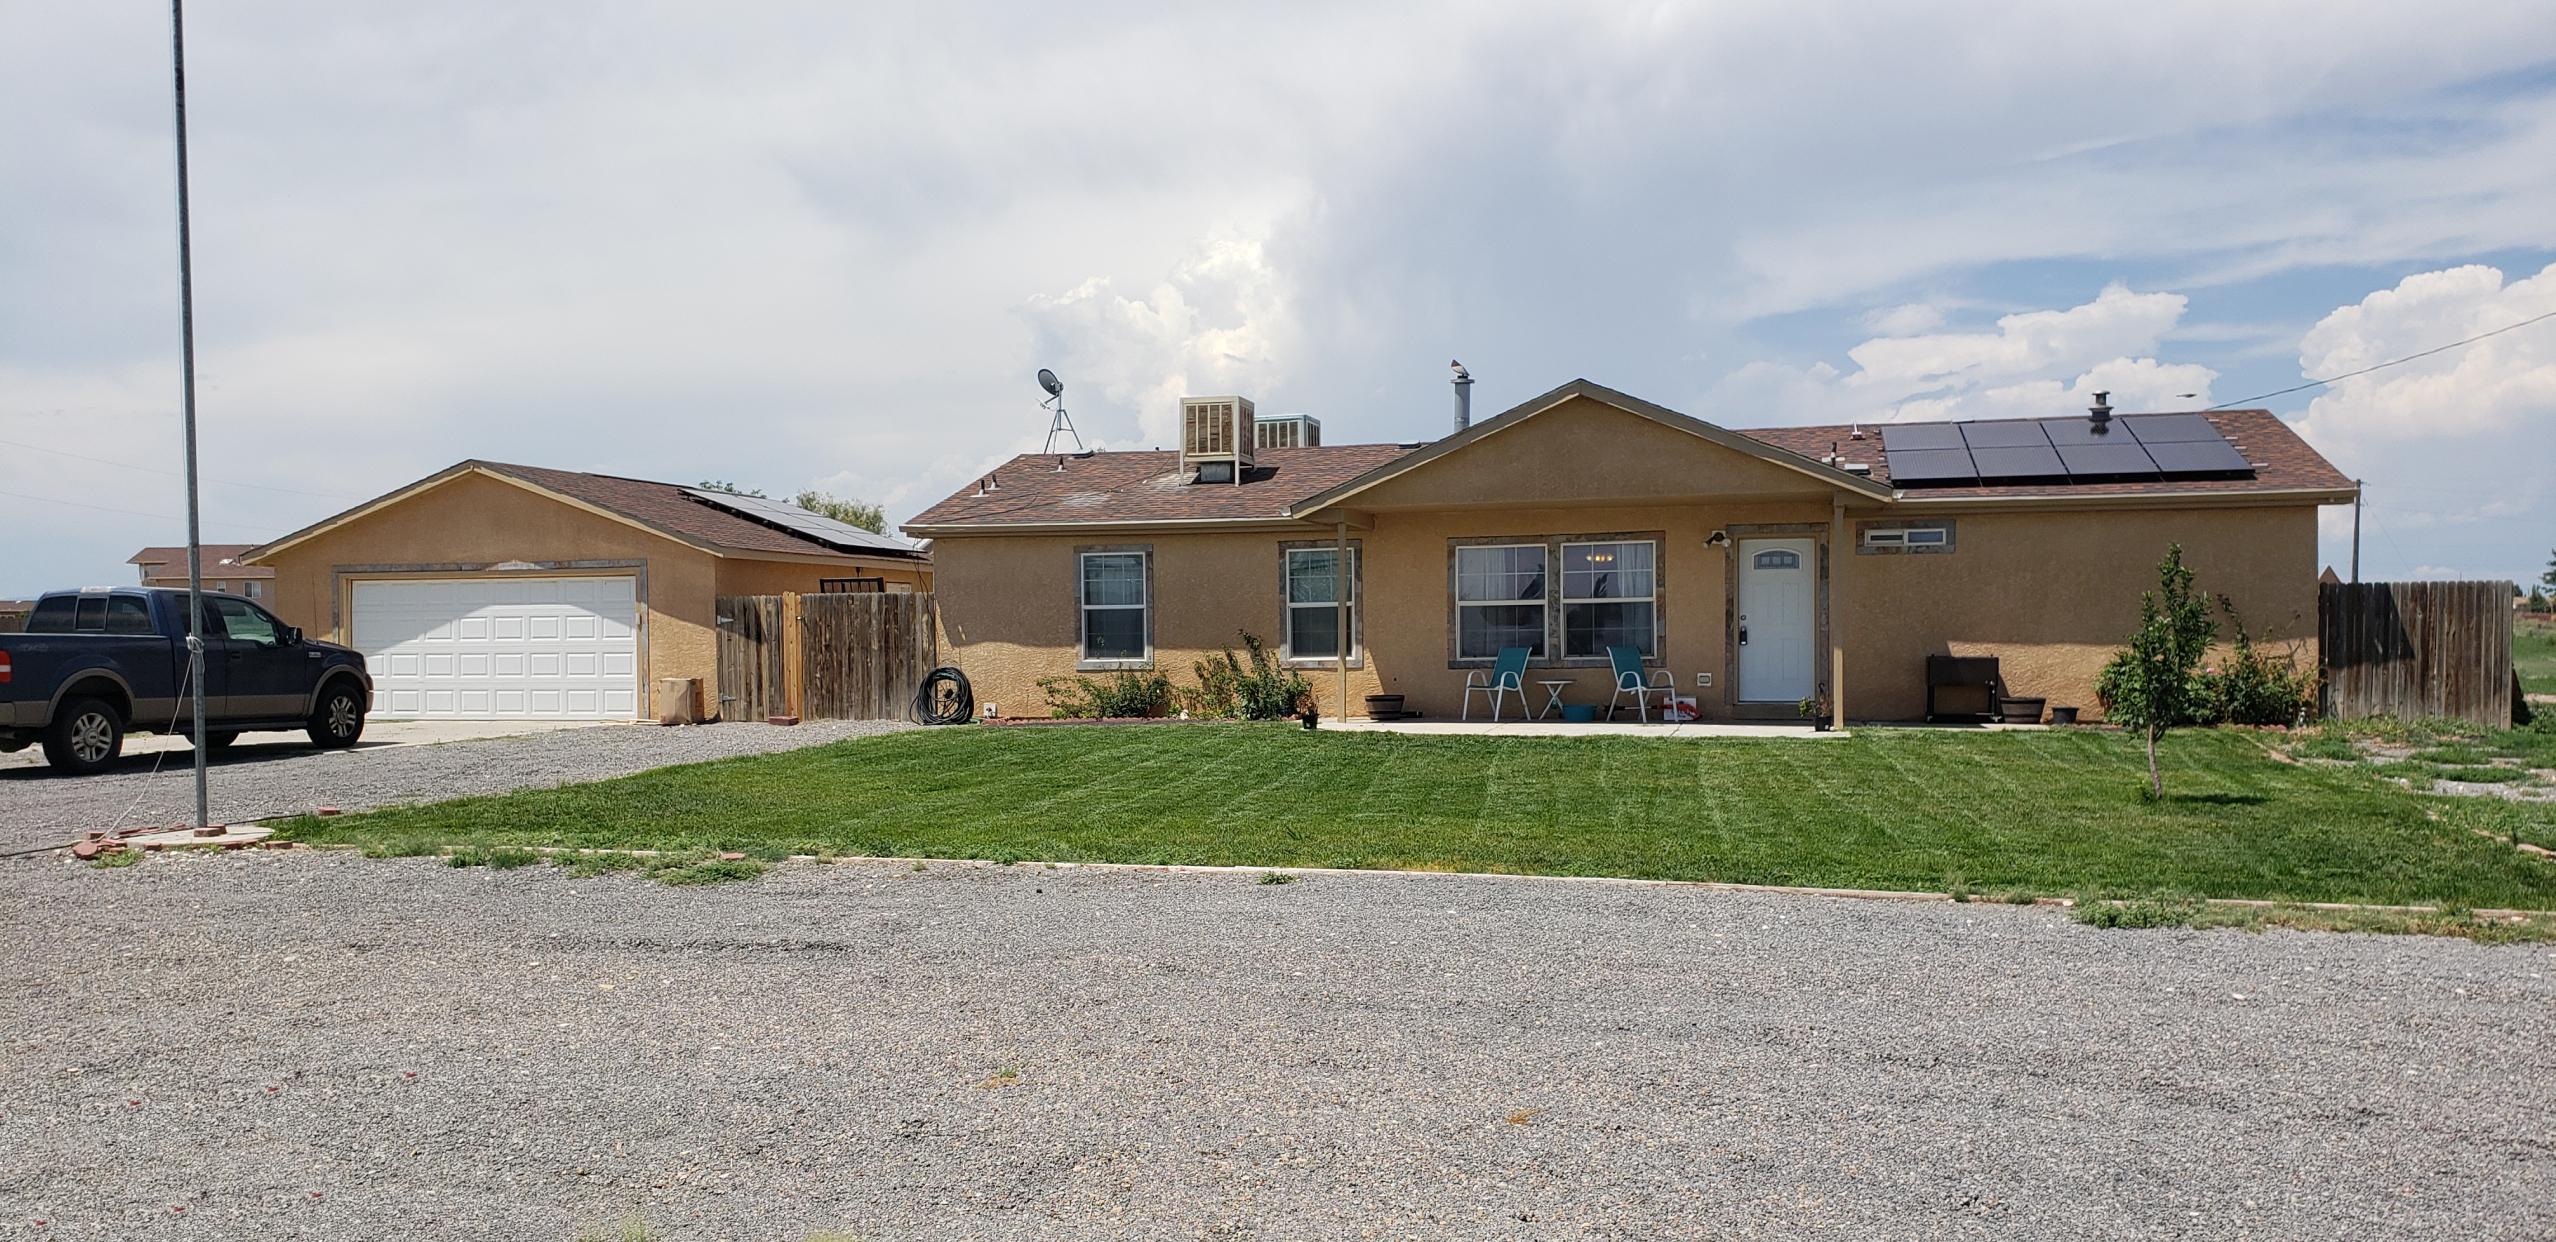 979 E Desert Voce Dr Pueblo West CO 81007